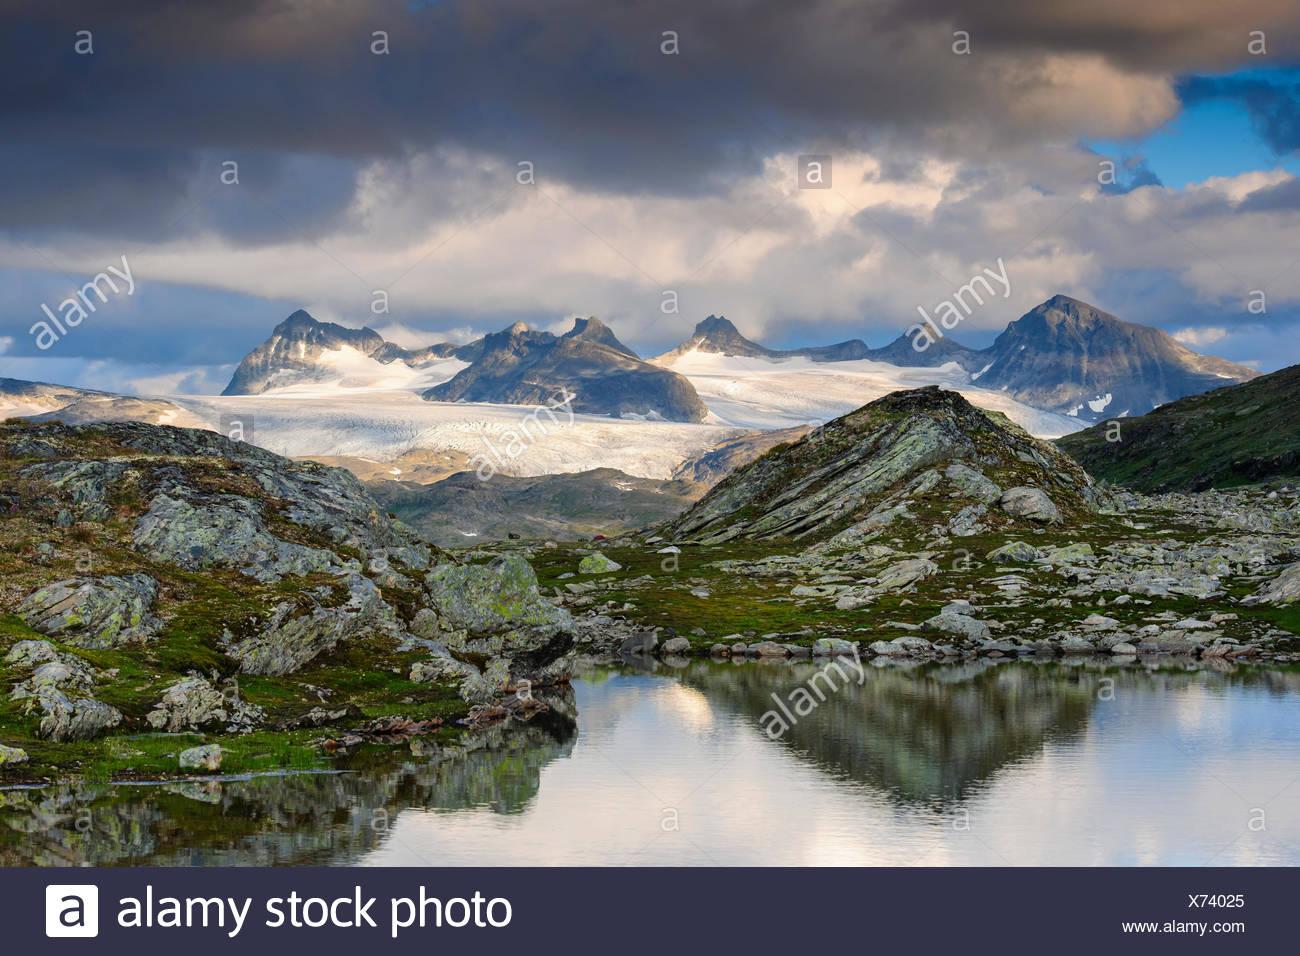 Berg, Fjell, Jotunheimen Nationalpark, Oppland, Norwegen - Stock Image